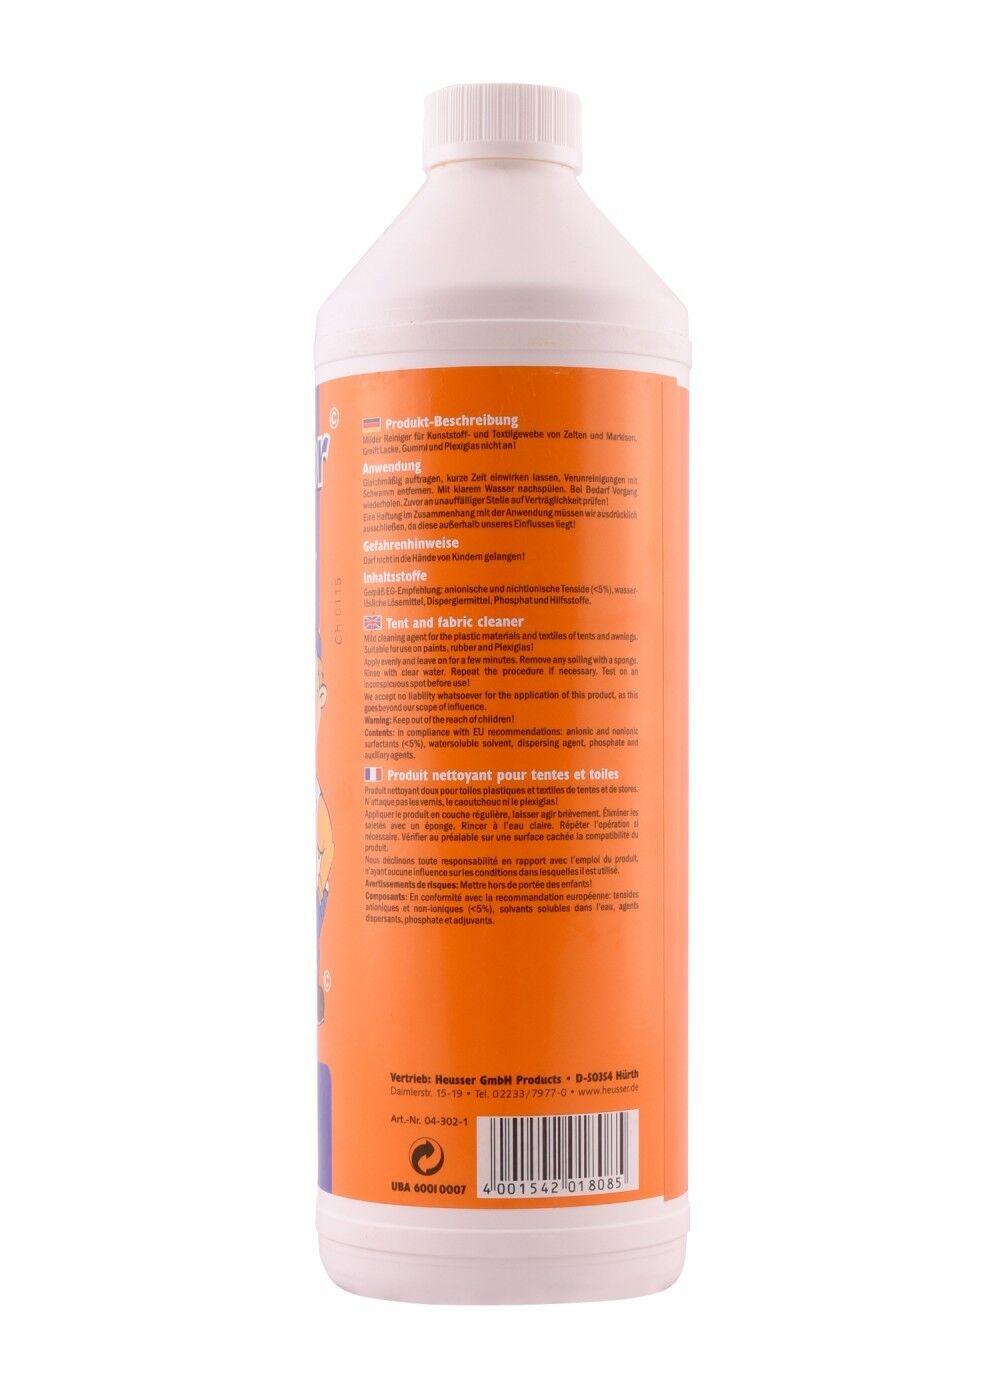 Battle Merchant Outdoor zeltreiniger zeltreiniger zeltreiniger Tissu Nettoyant 1 L Nettoyeur Textile 8a88ff